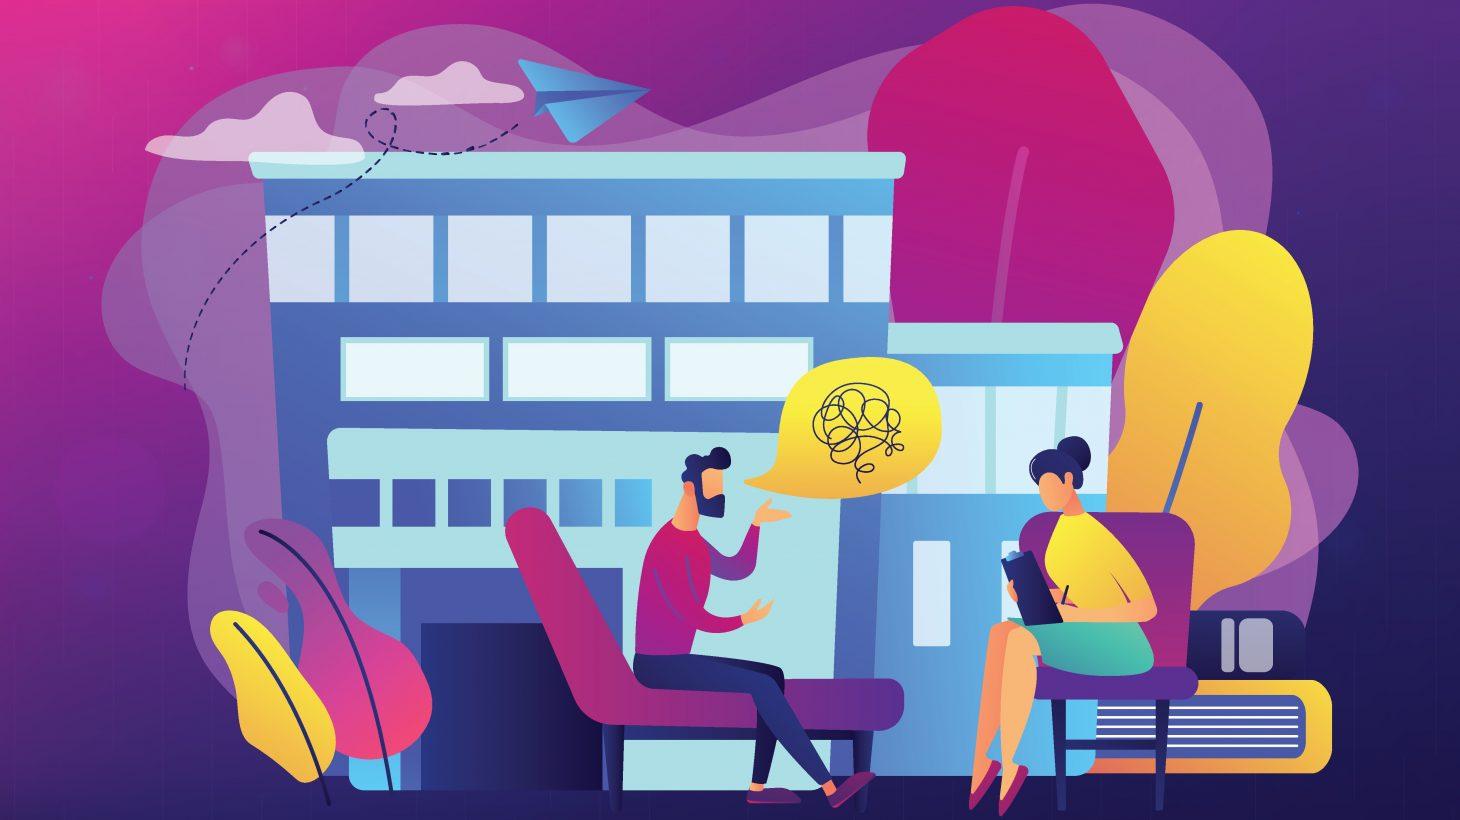 Tecknad man och kvinna sitter i lila fåtölj och samtalar.